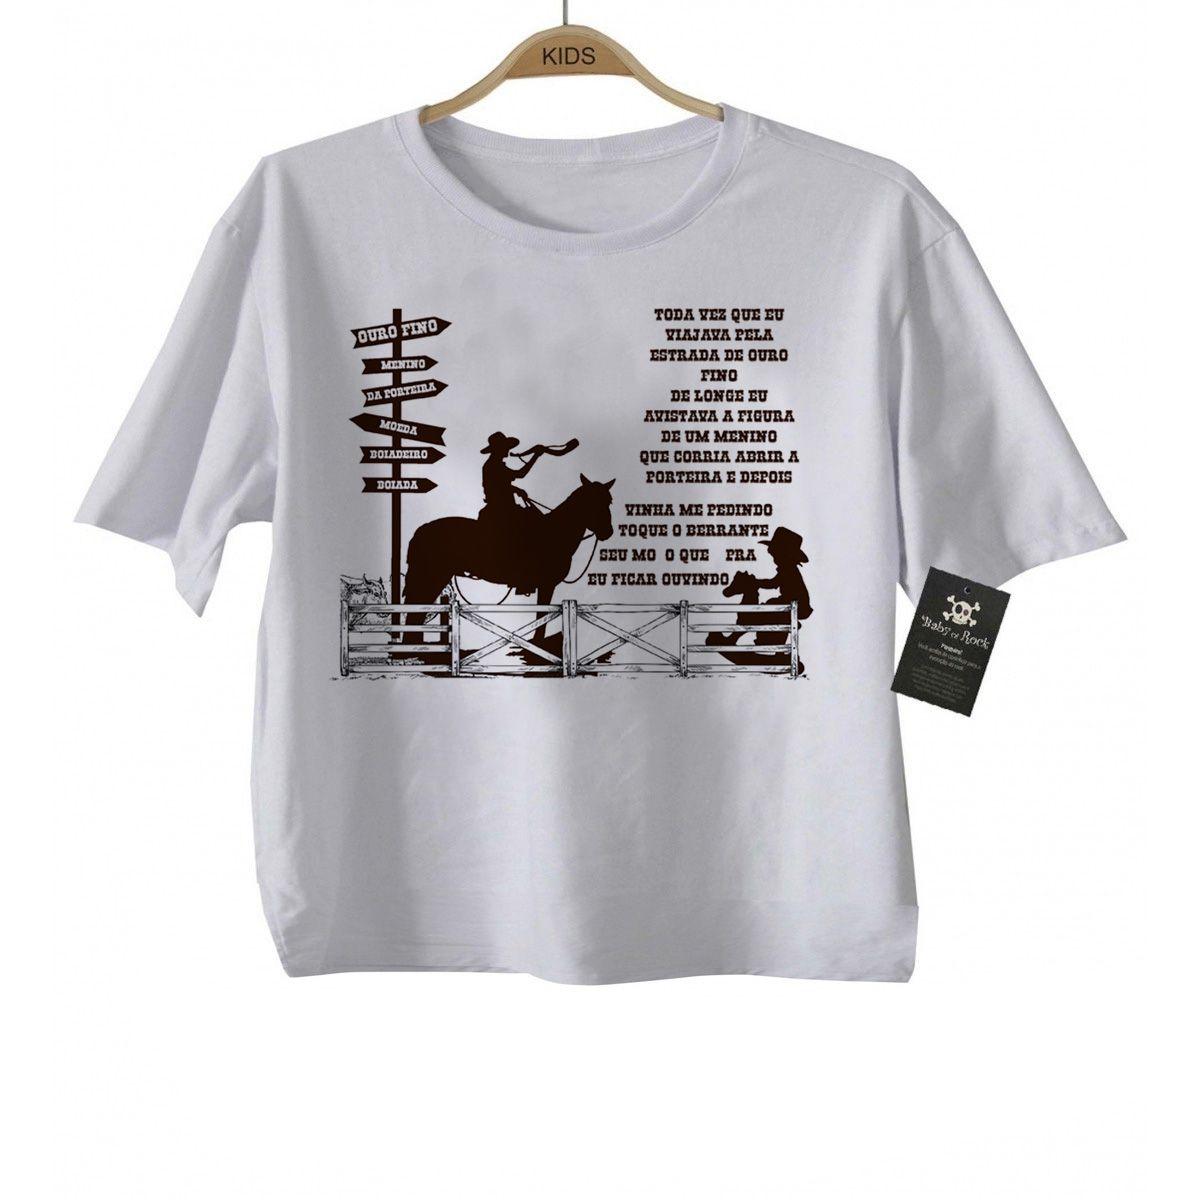 Camiseta Infantil Menino da Porteira - White  - Baby Monster - Body Bebe